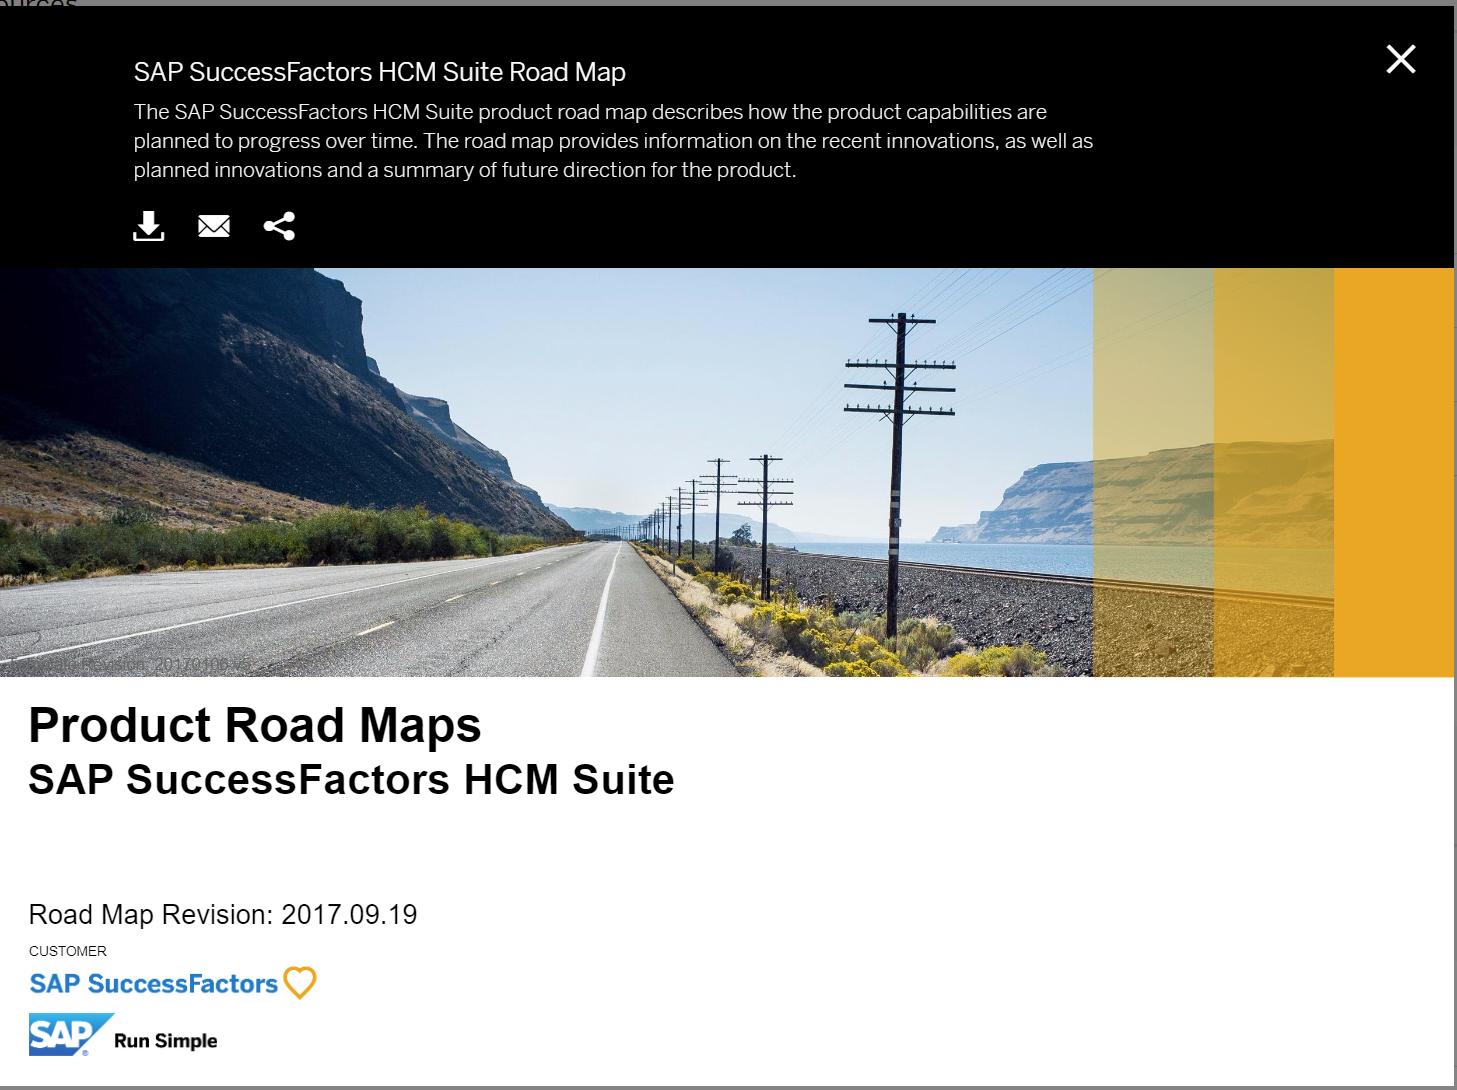 How to Access SAP SuccessFactors Roadmaps | SAP Blogs